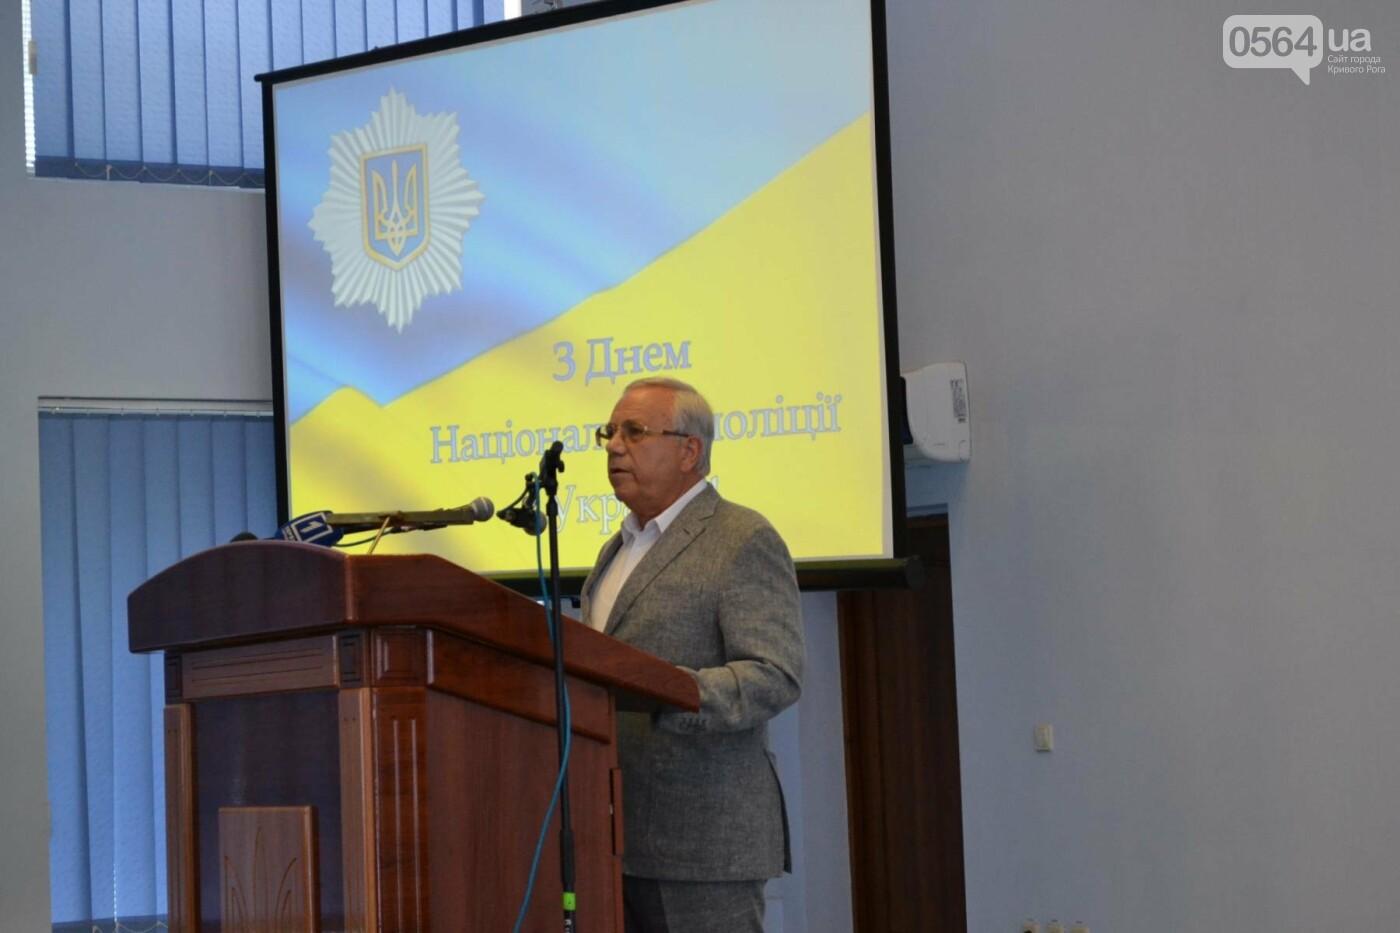 Криворожских полицейских поздравили с профессиональным праздником, - ФОТО, ВИДЕО, фото-5